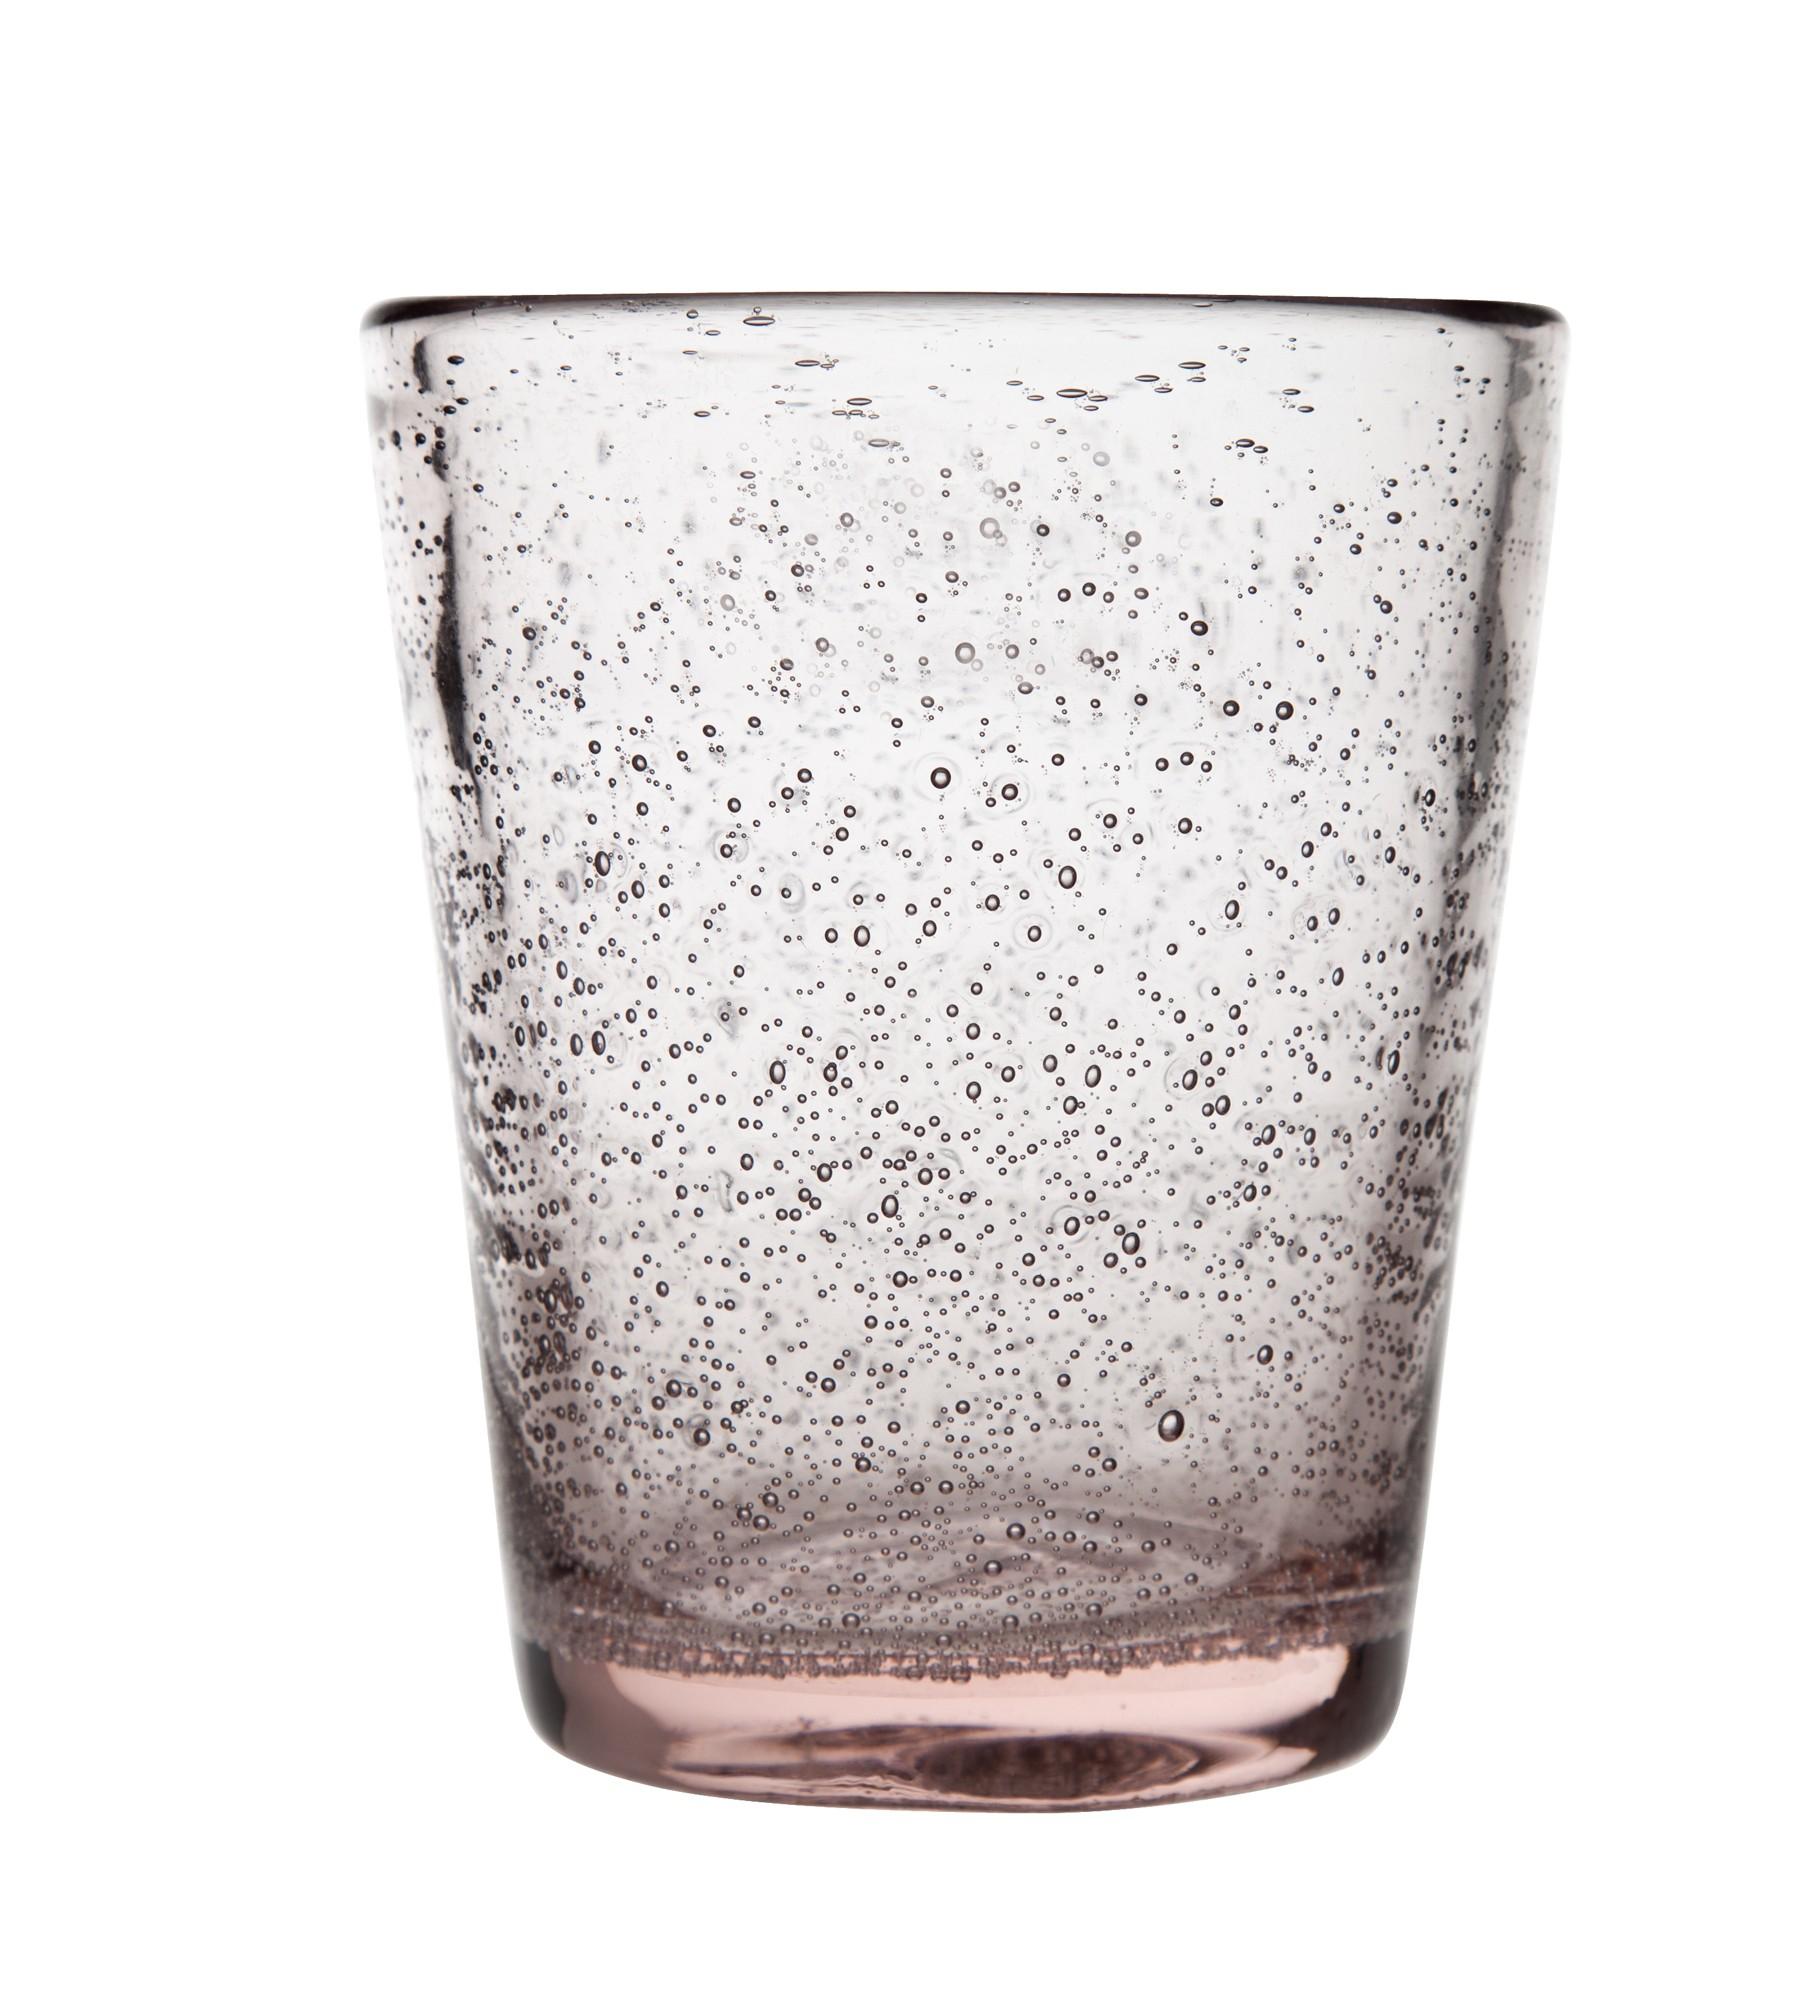 Ποτήρι Ουίσκι Anise Pink Σετ 6Τμχ 250ml Ionia home   ειδη σερβιρισματος   ποτήρια   ουίσκι